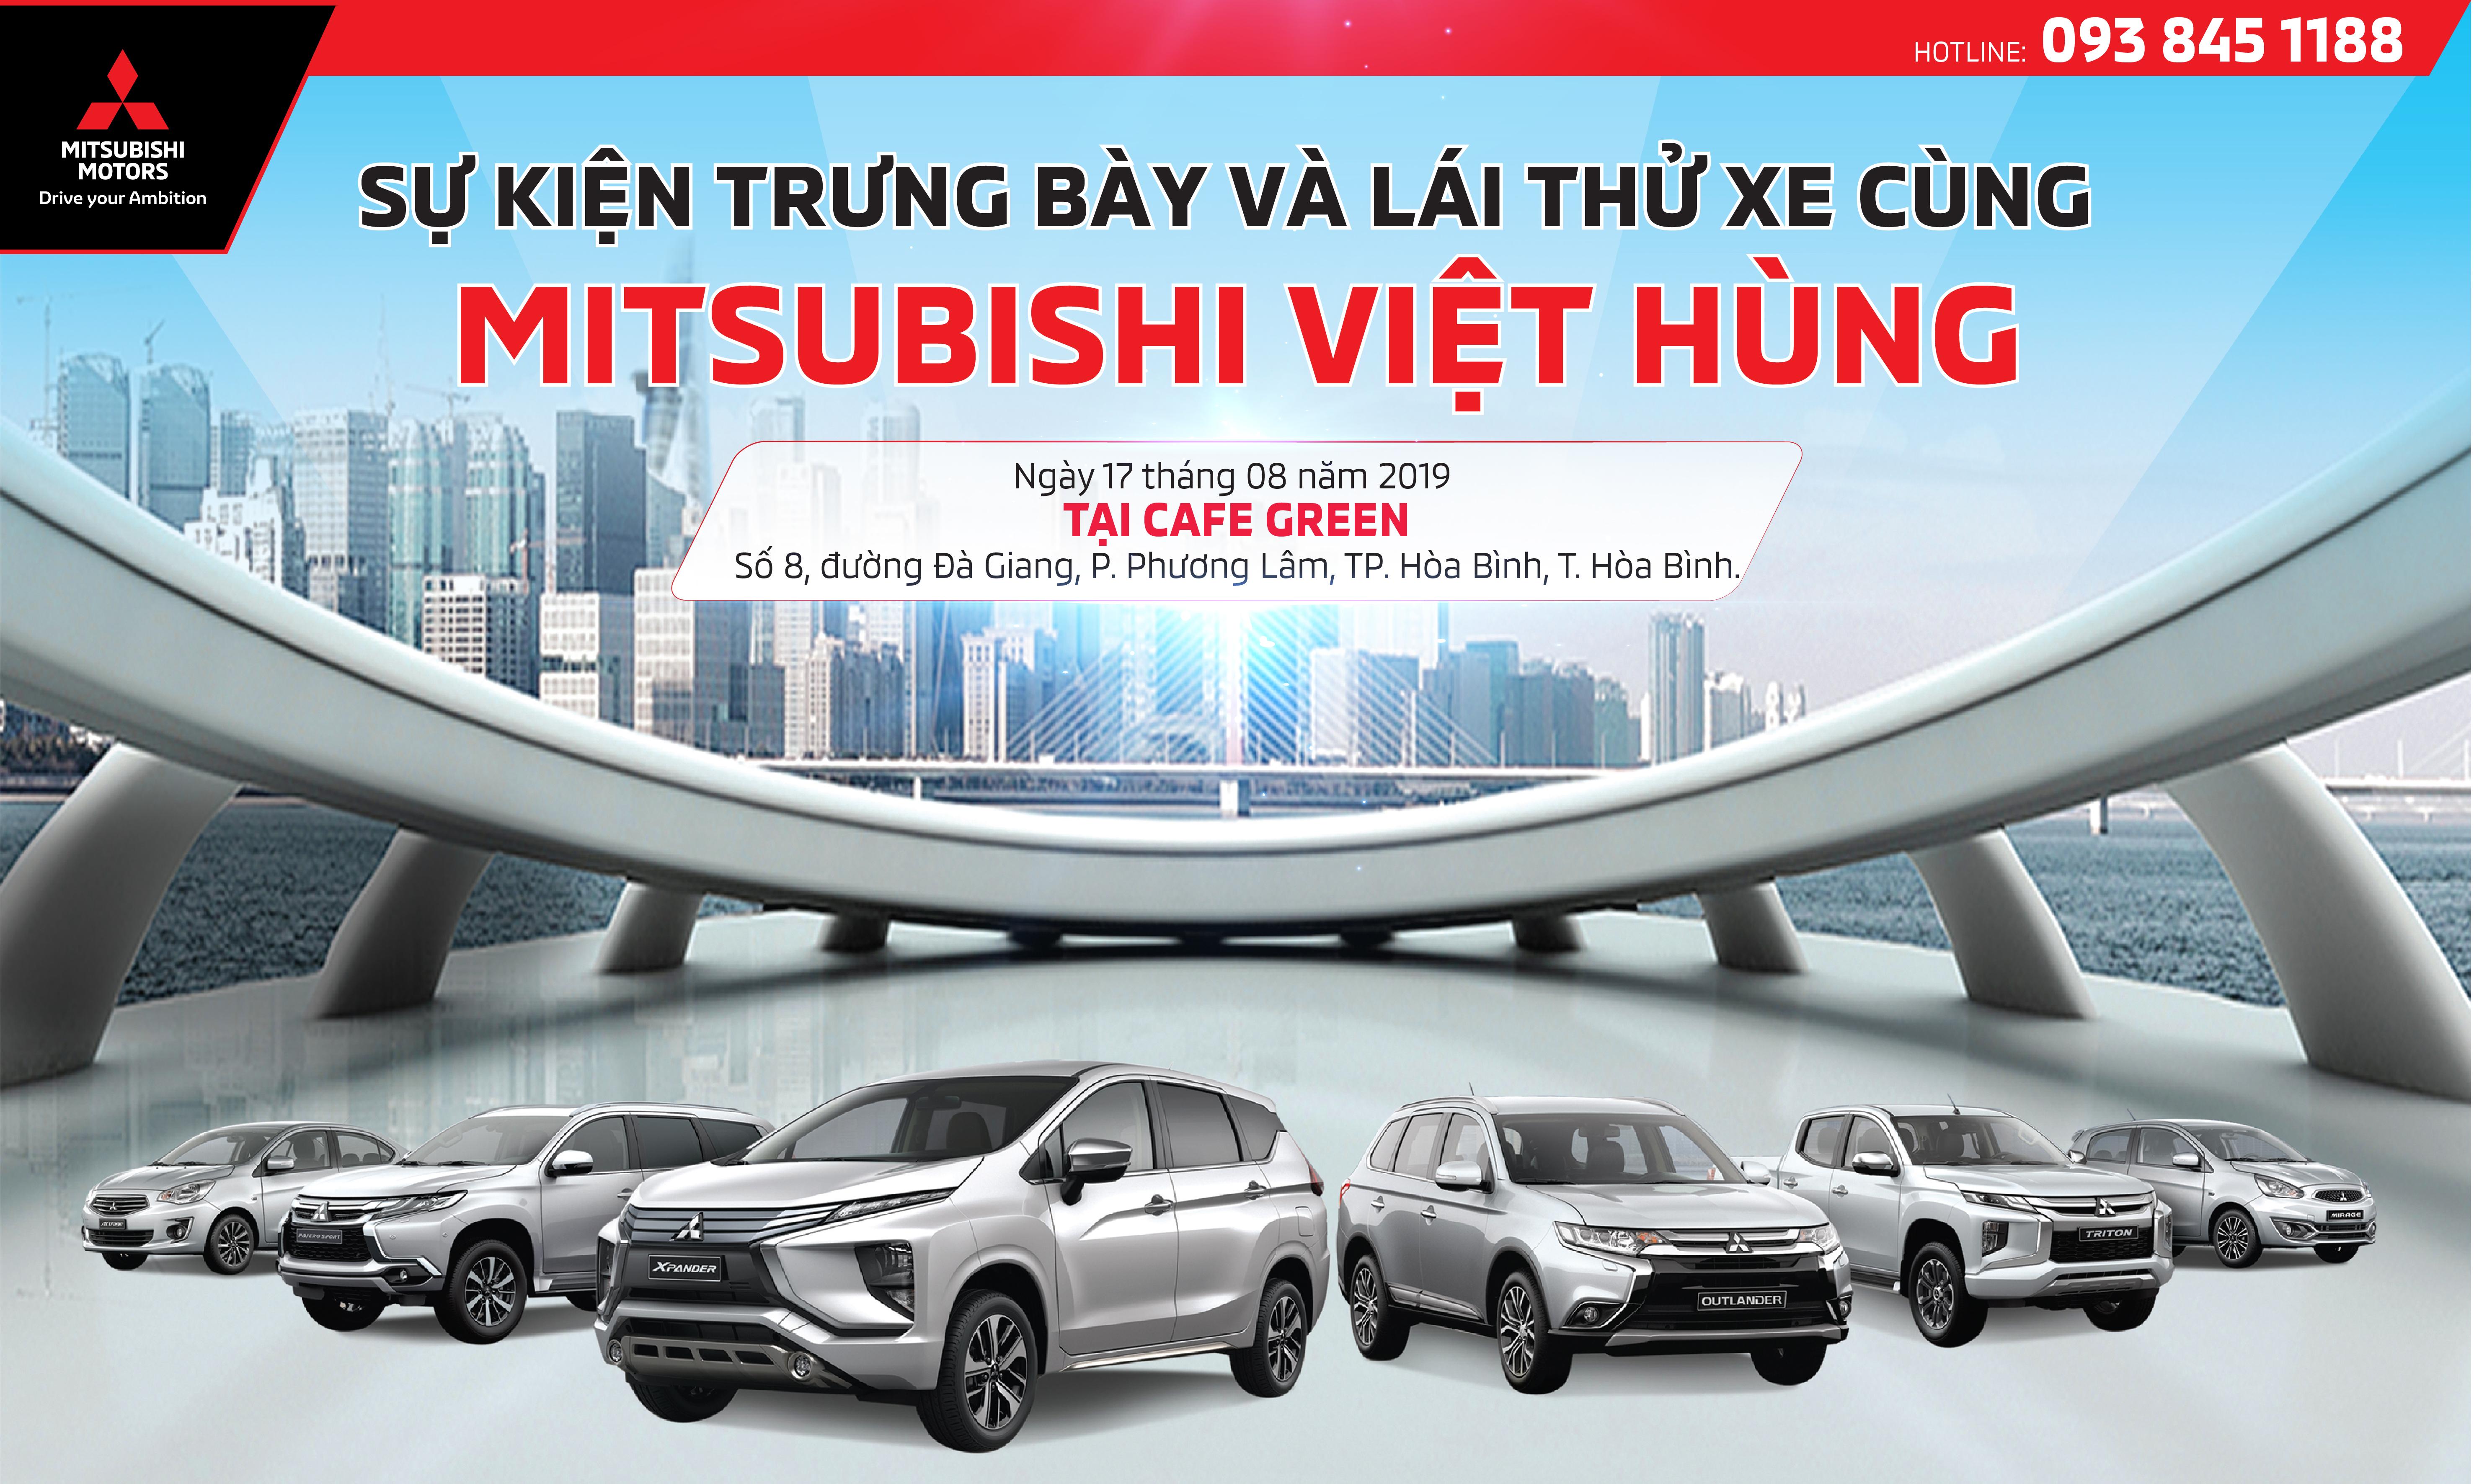 """Sự kiện """"Trưng bày và trải nghiệm xe cùng Mitsubishi Việt Hùng"""" ngày 17/08/2019"""